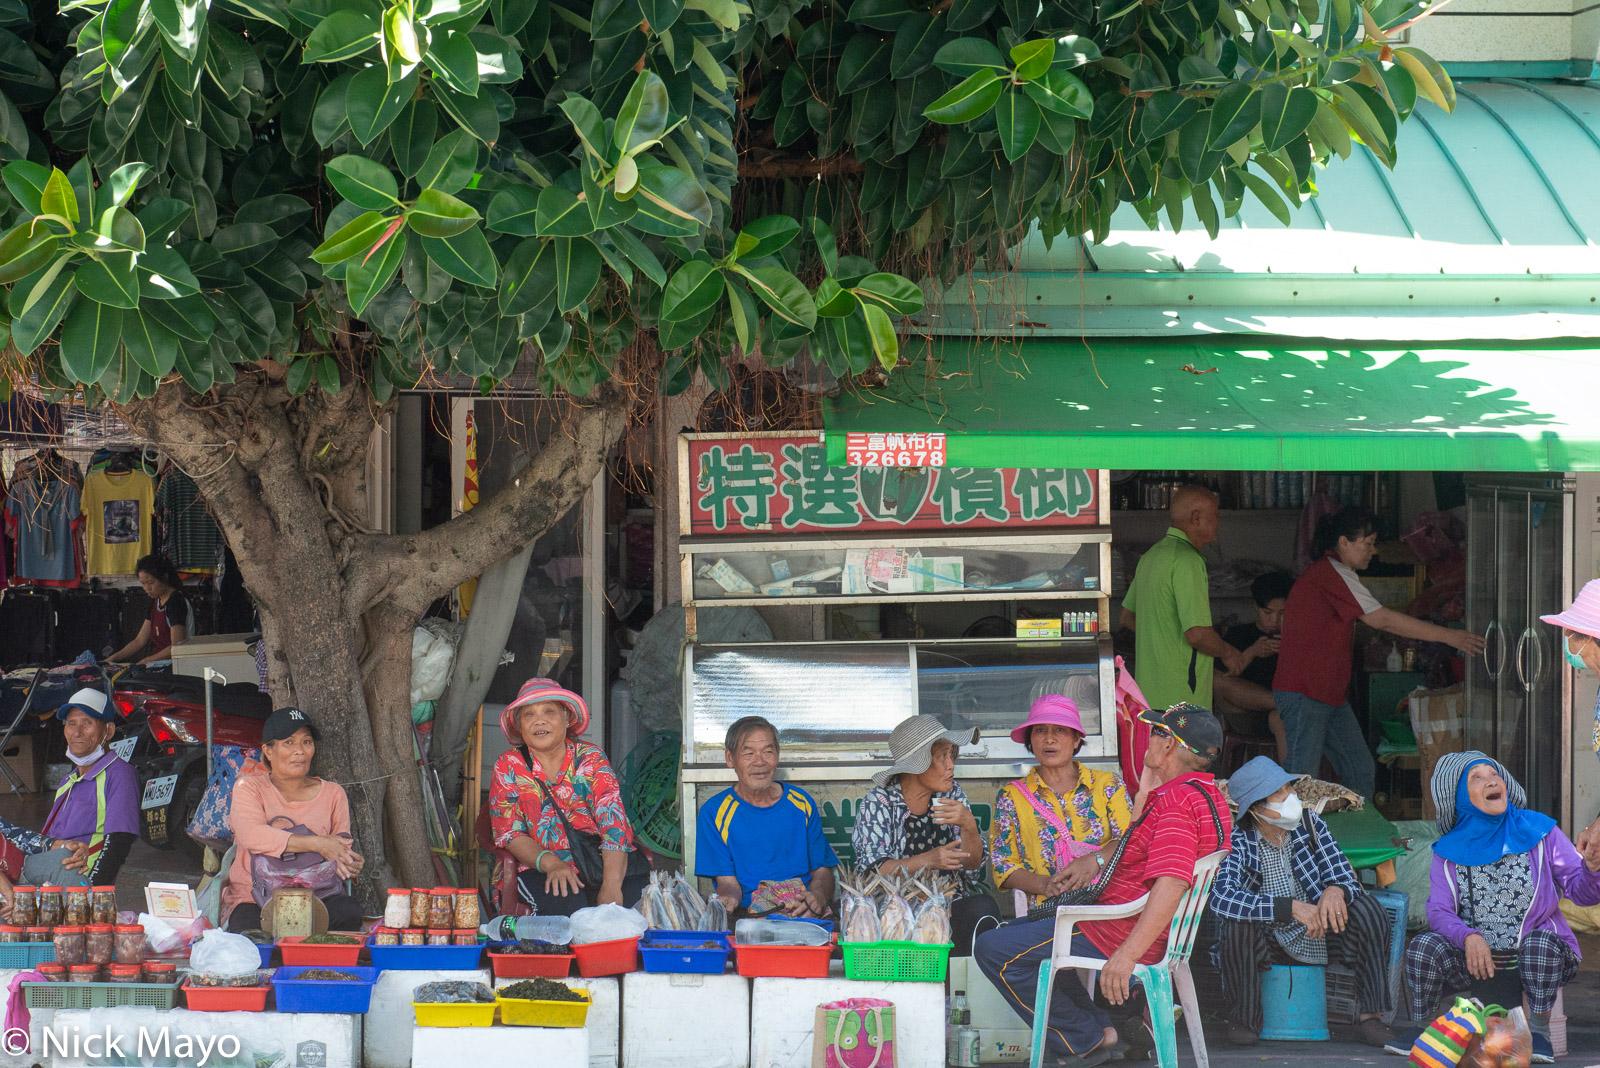 Ami people enjoying a social morning in the market at Chenggong.